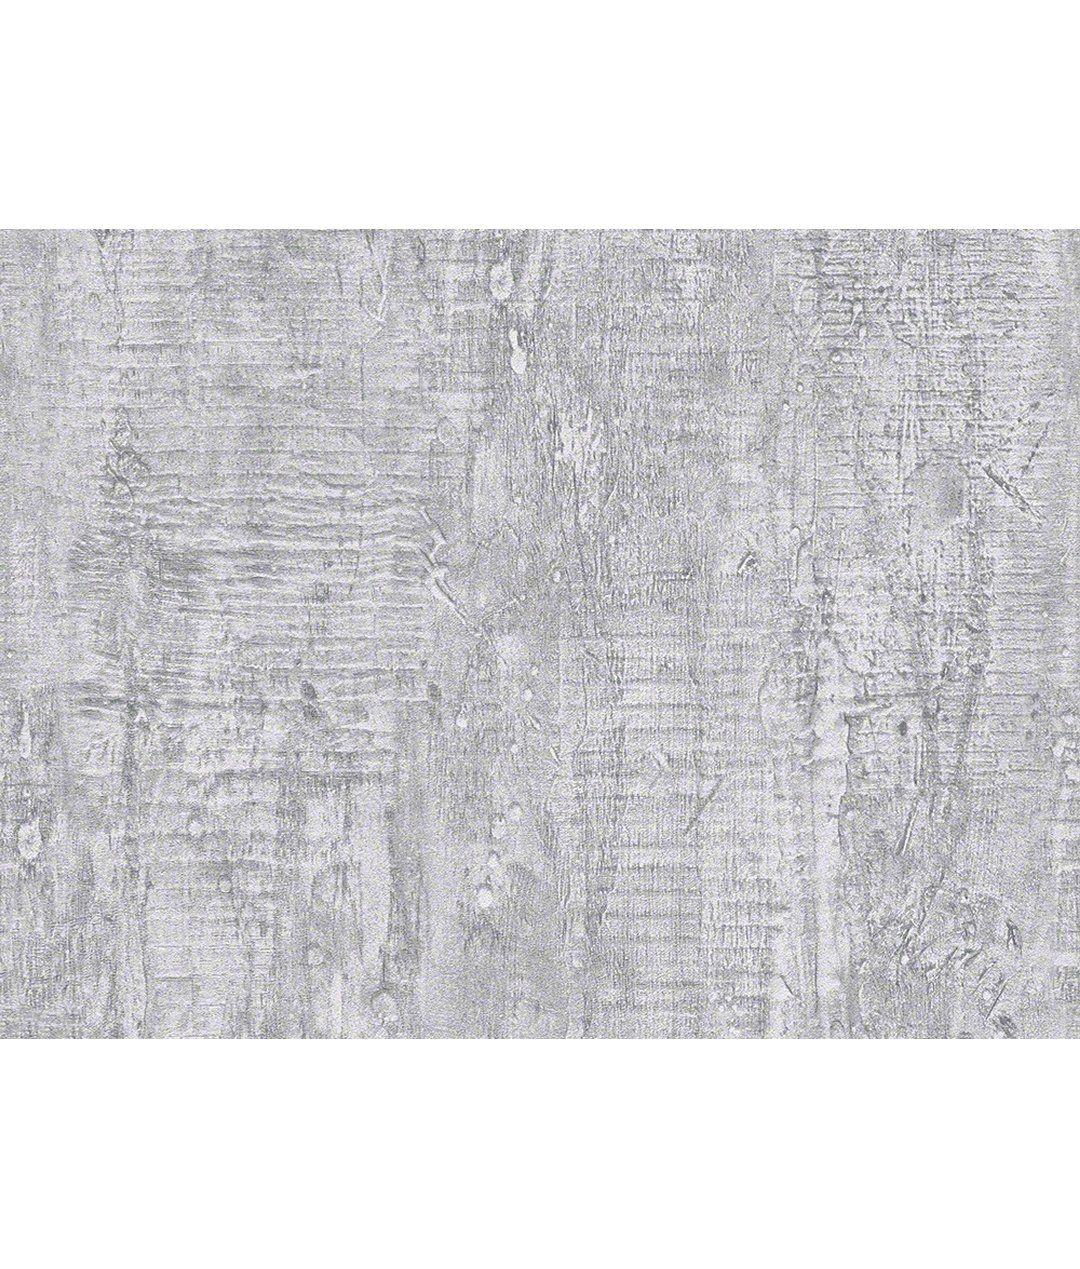 Schöner Wohnen-Kollektion Vliestapete Beton Grau